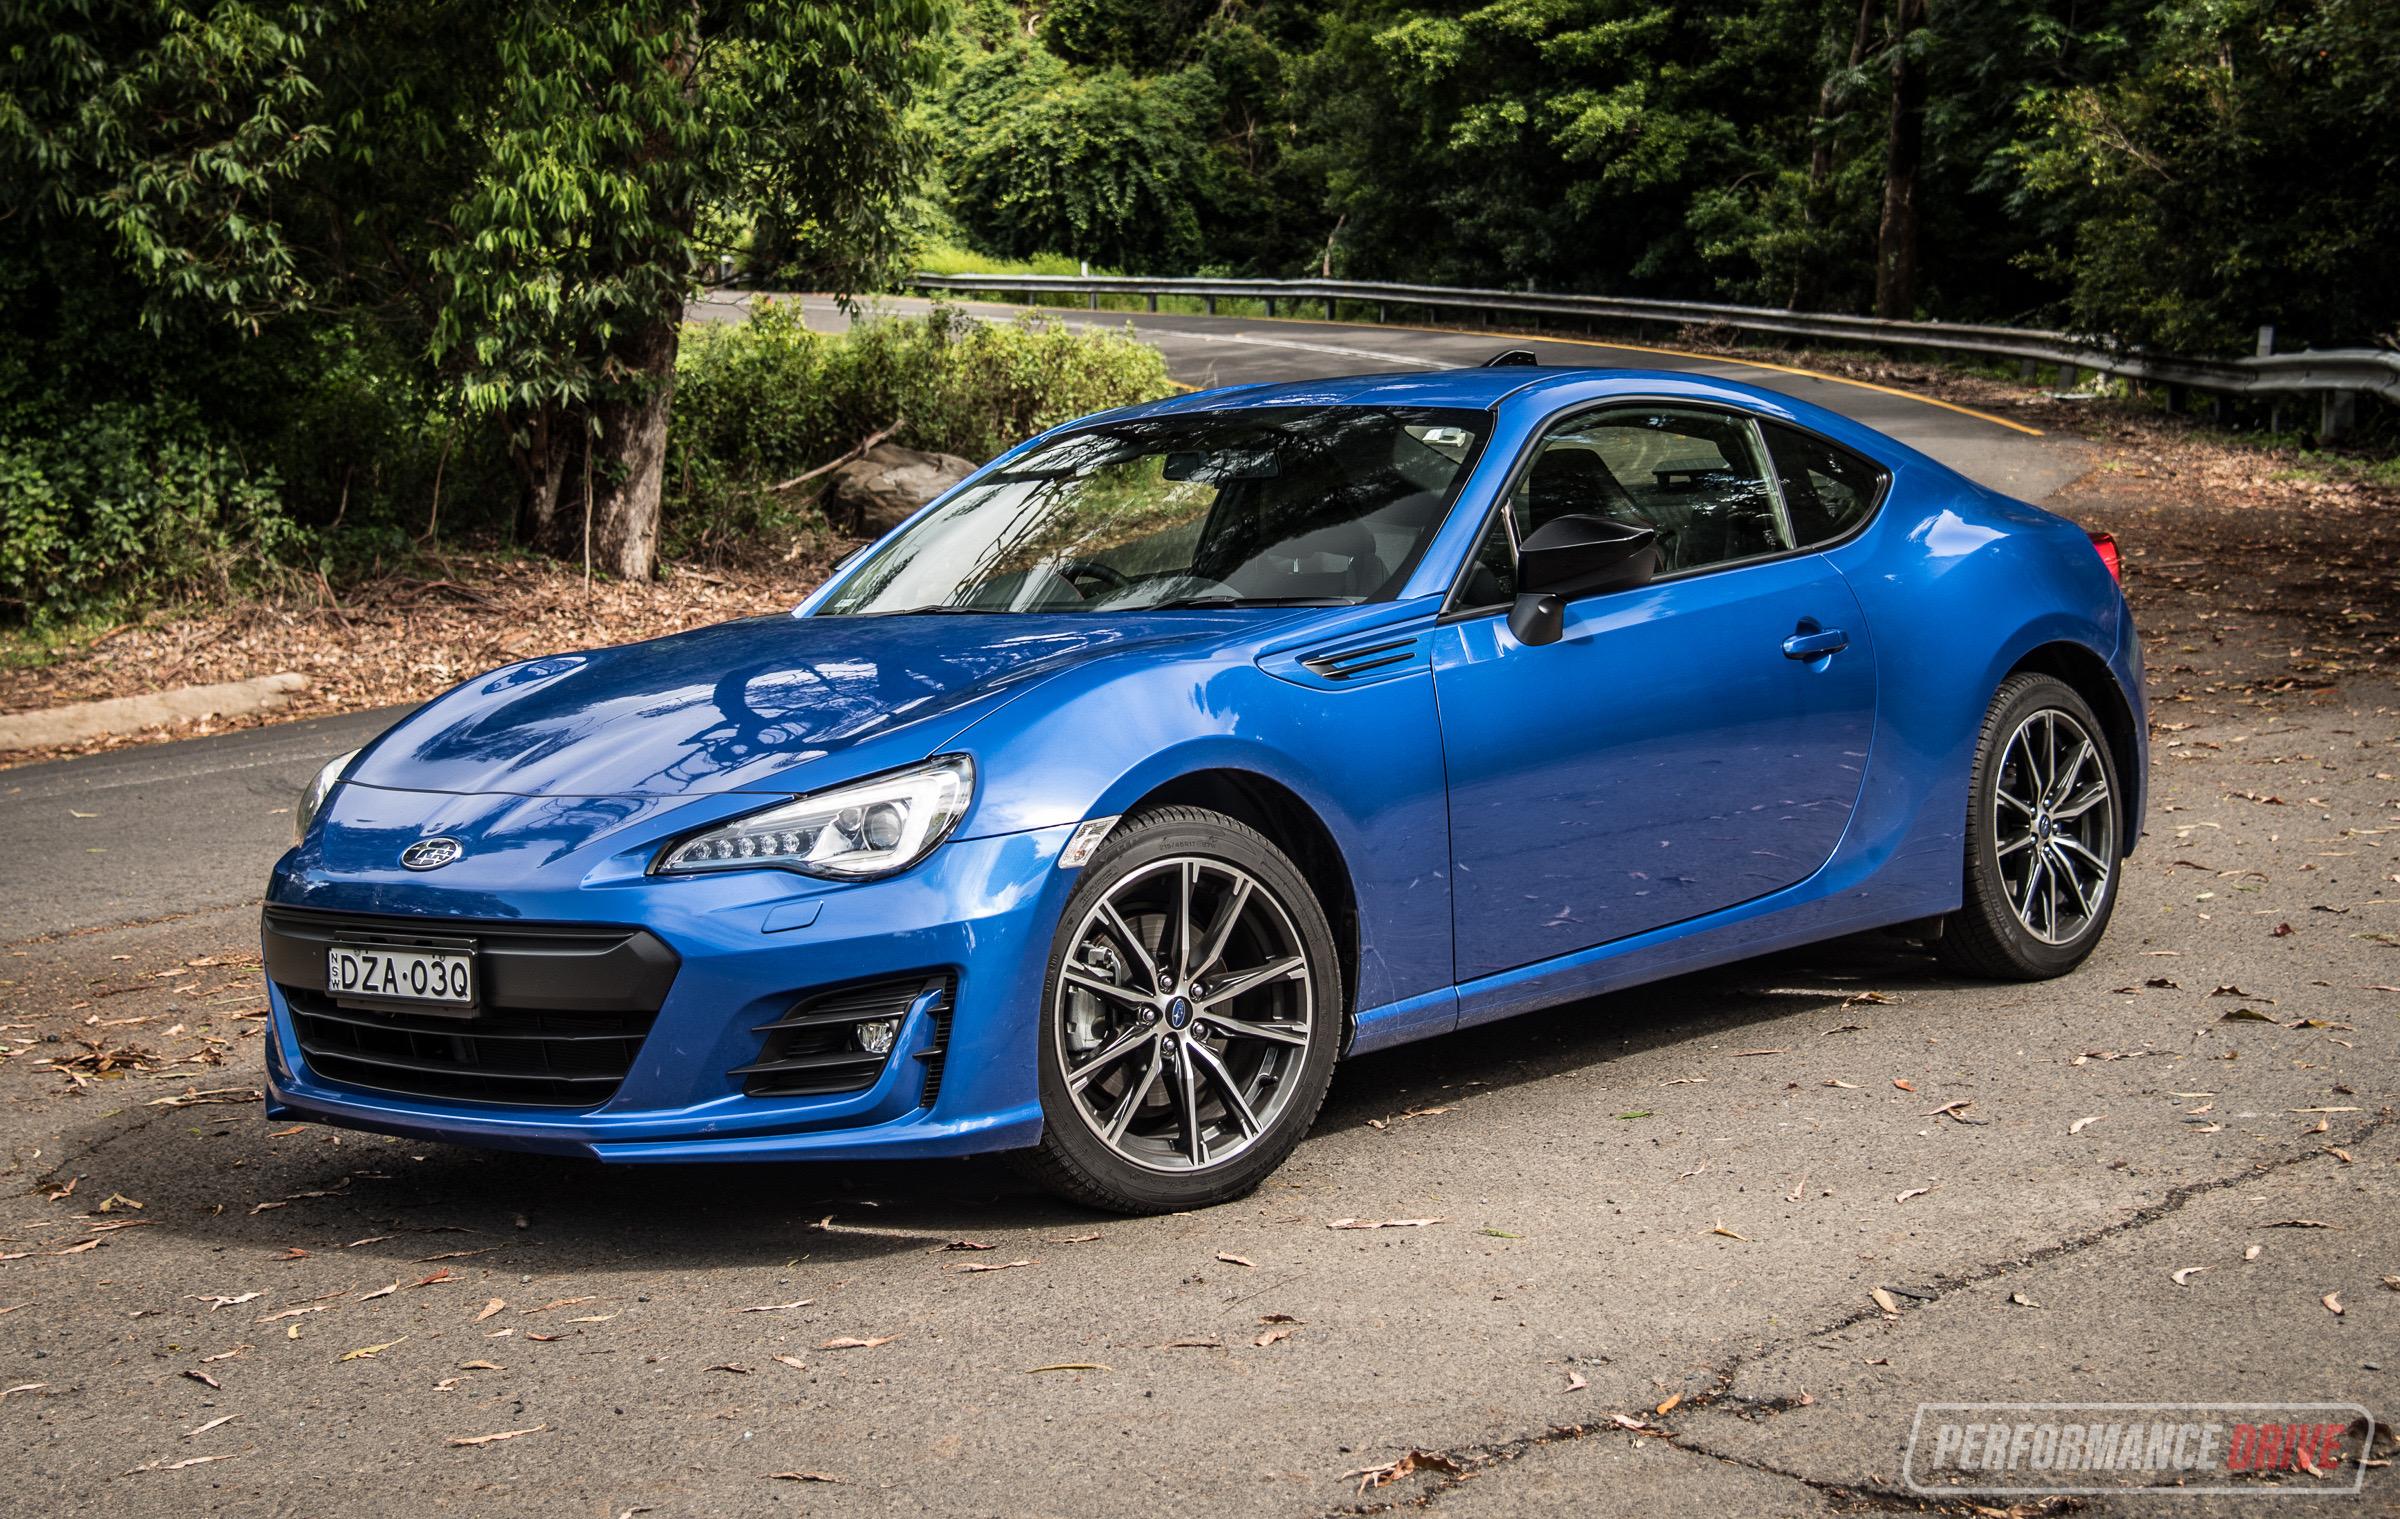 2019 Subaru BRZ Premium review (video) - PerformanceDrive